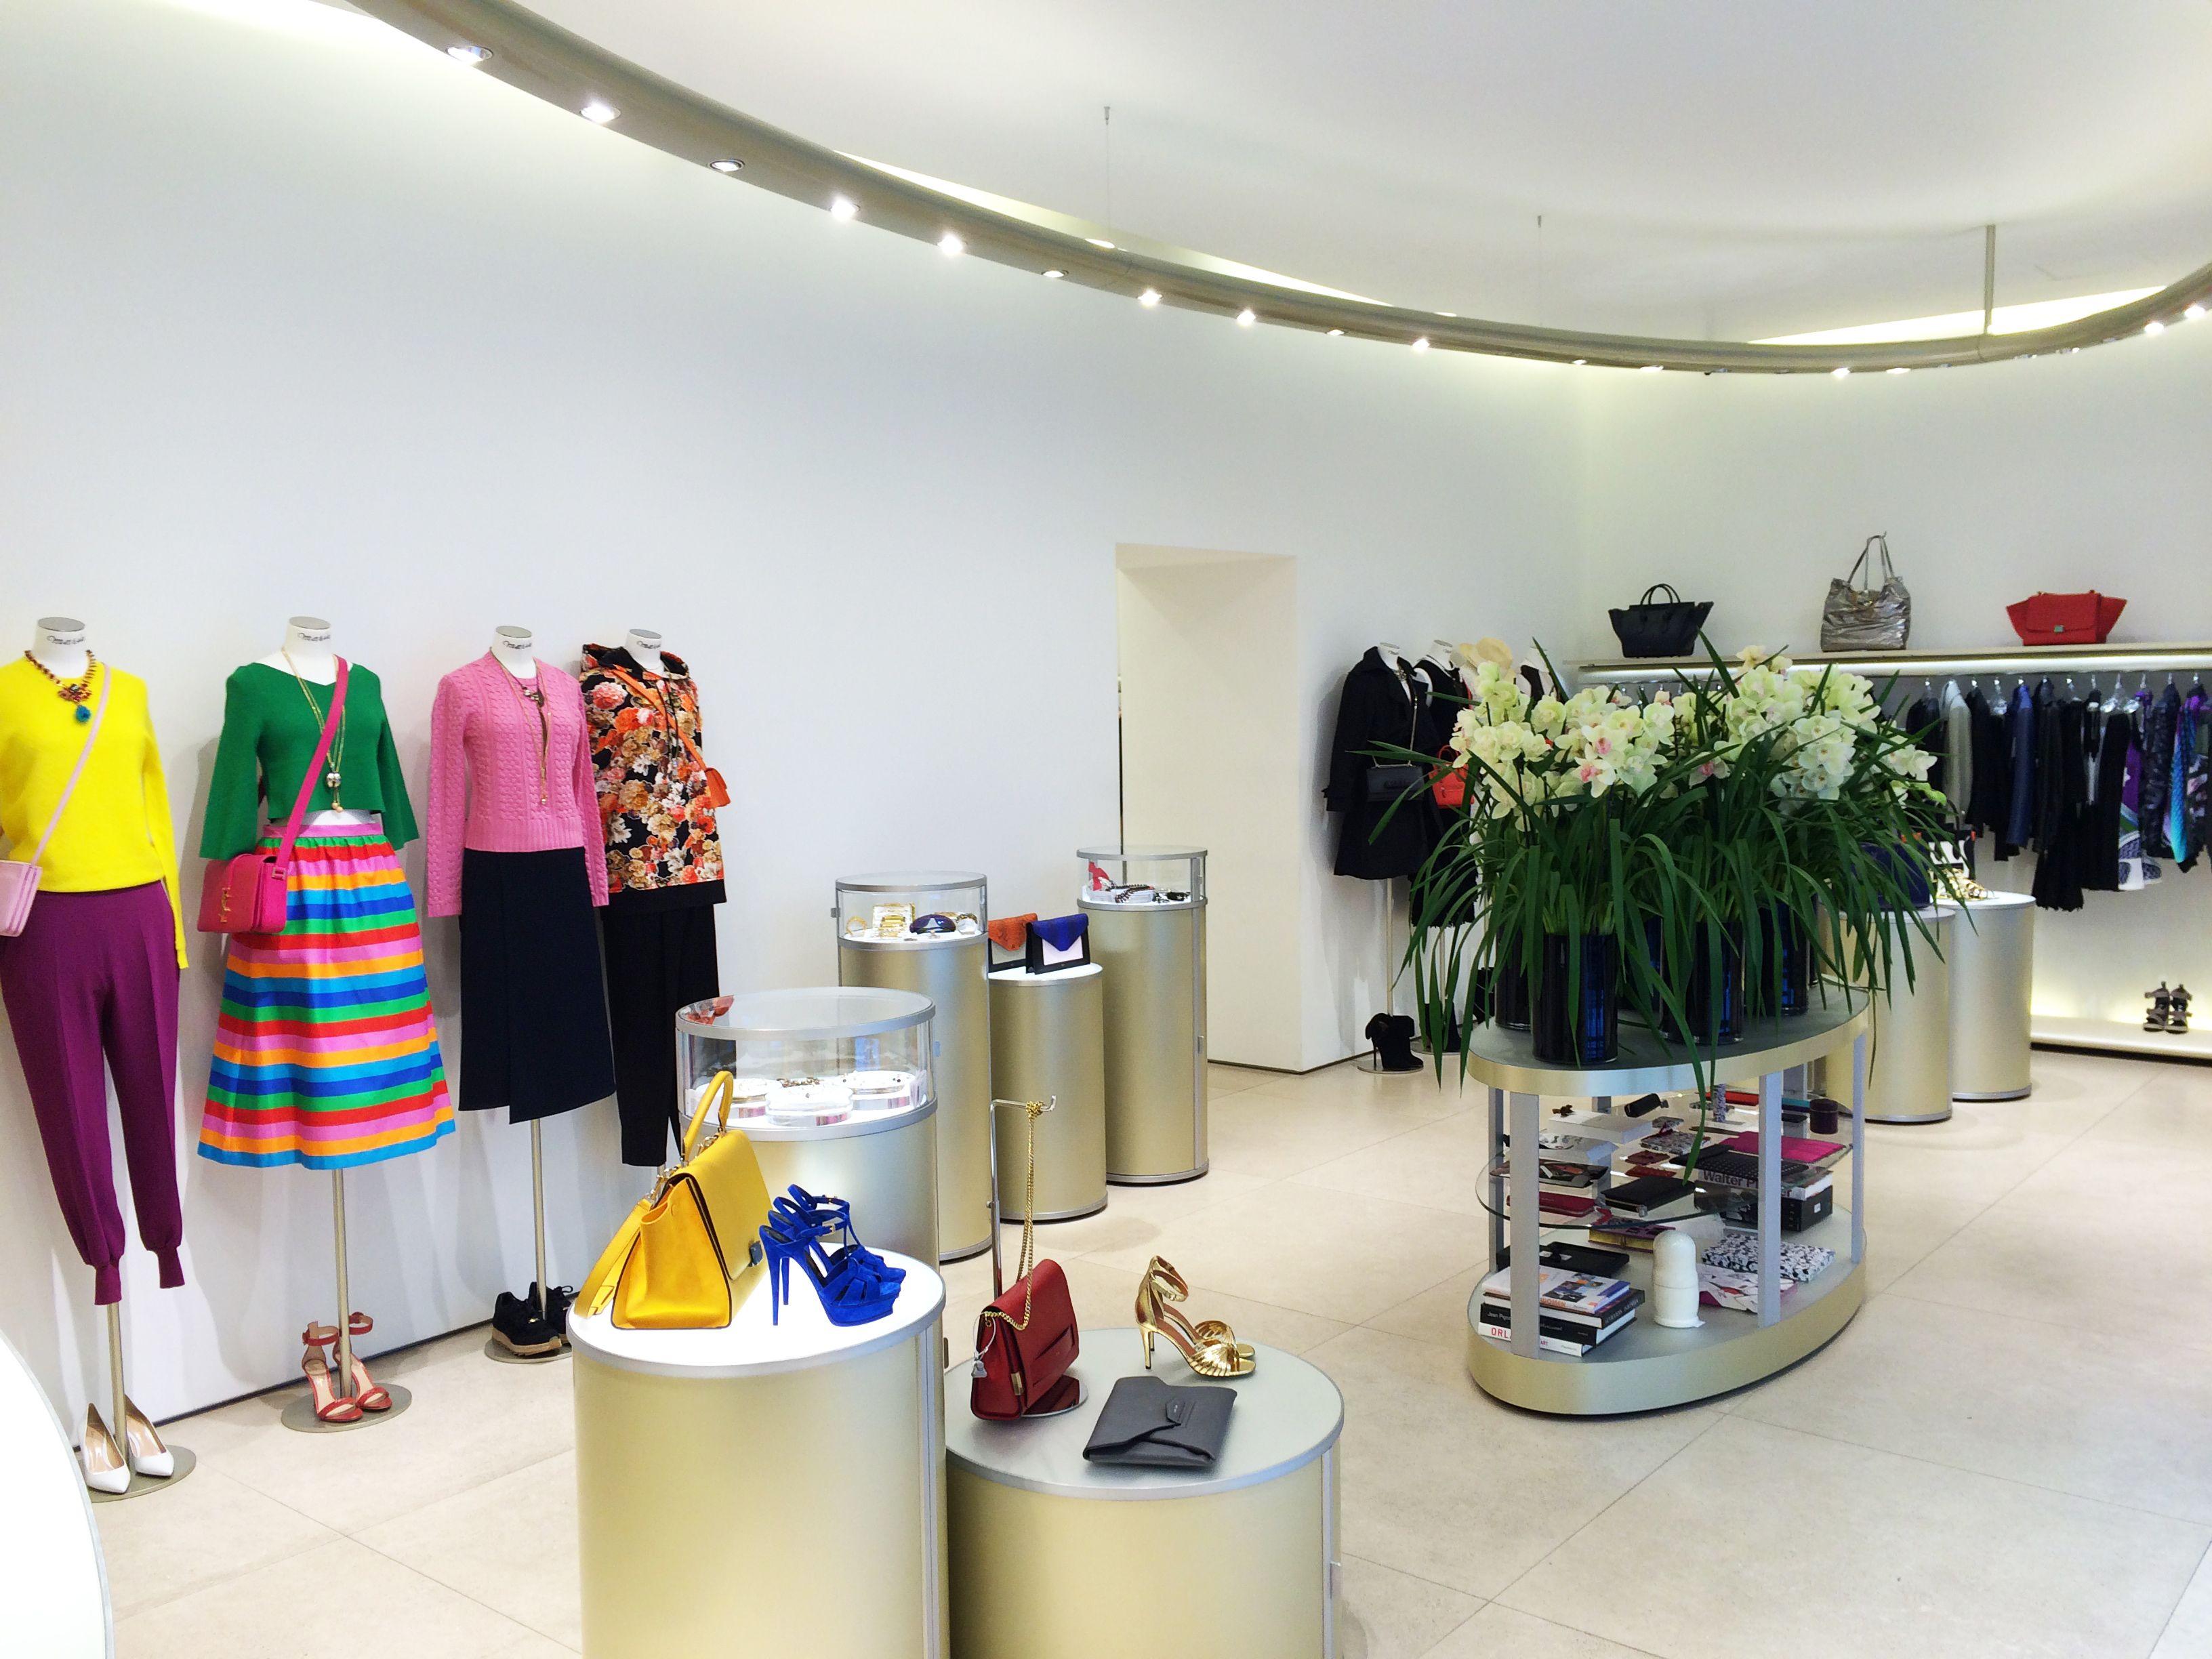 Maria Concept Store Zagreb Masarykova 8 Exquisite Interior Www Mariastore Hr Concept Store Concept